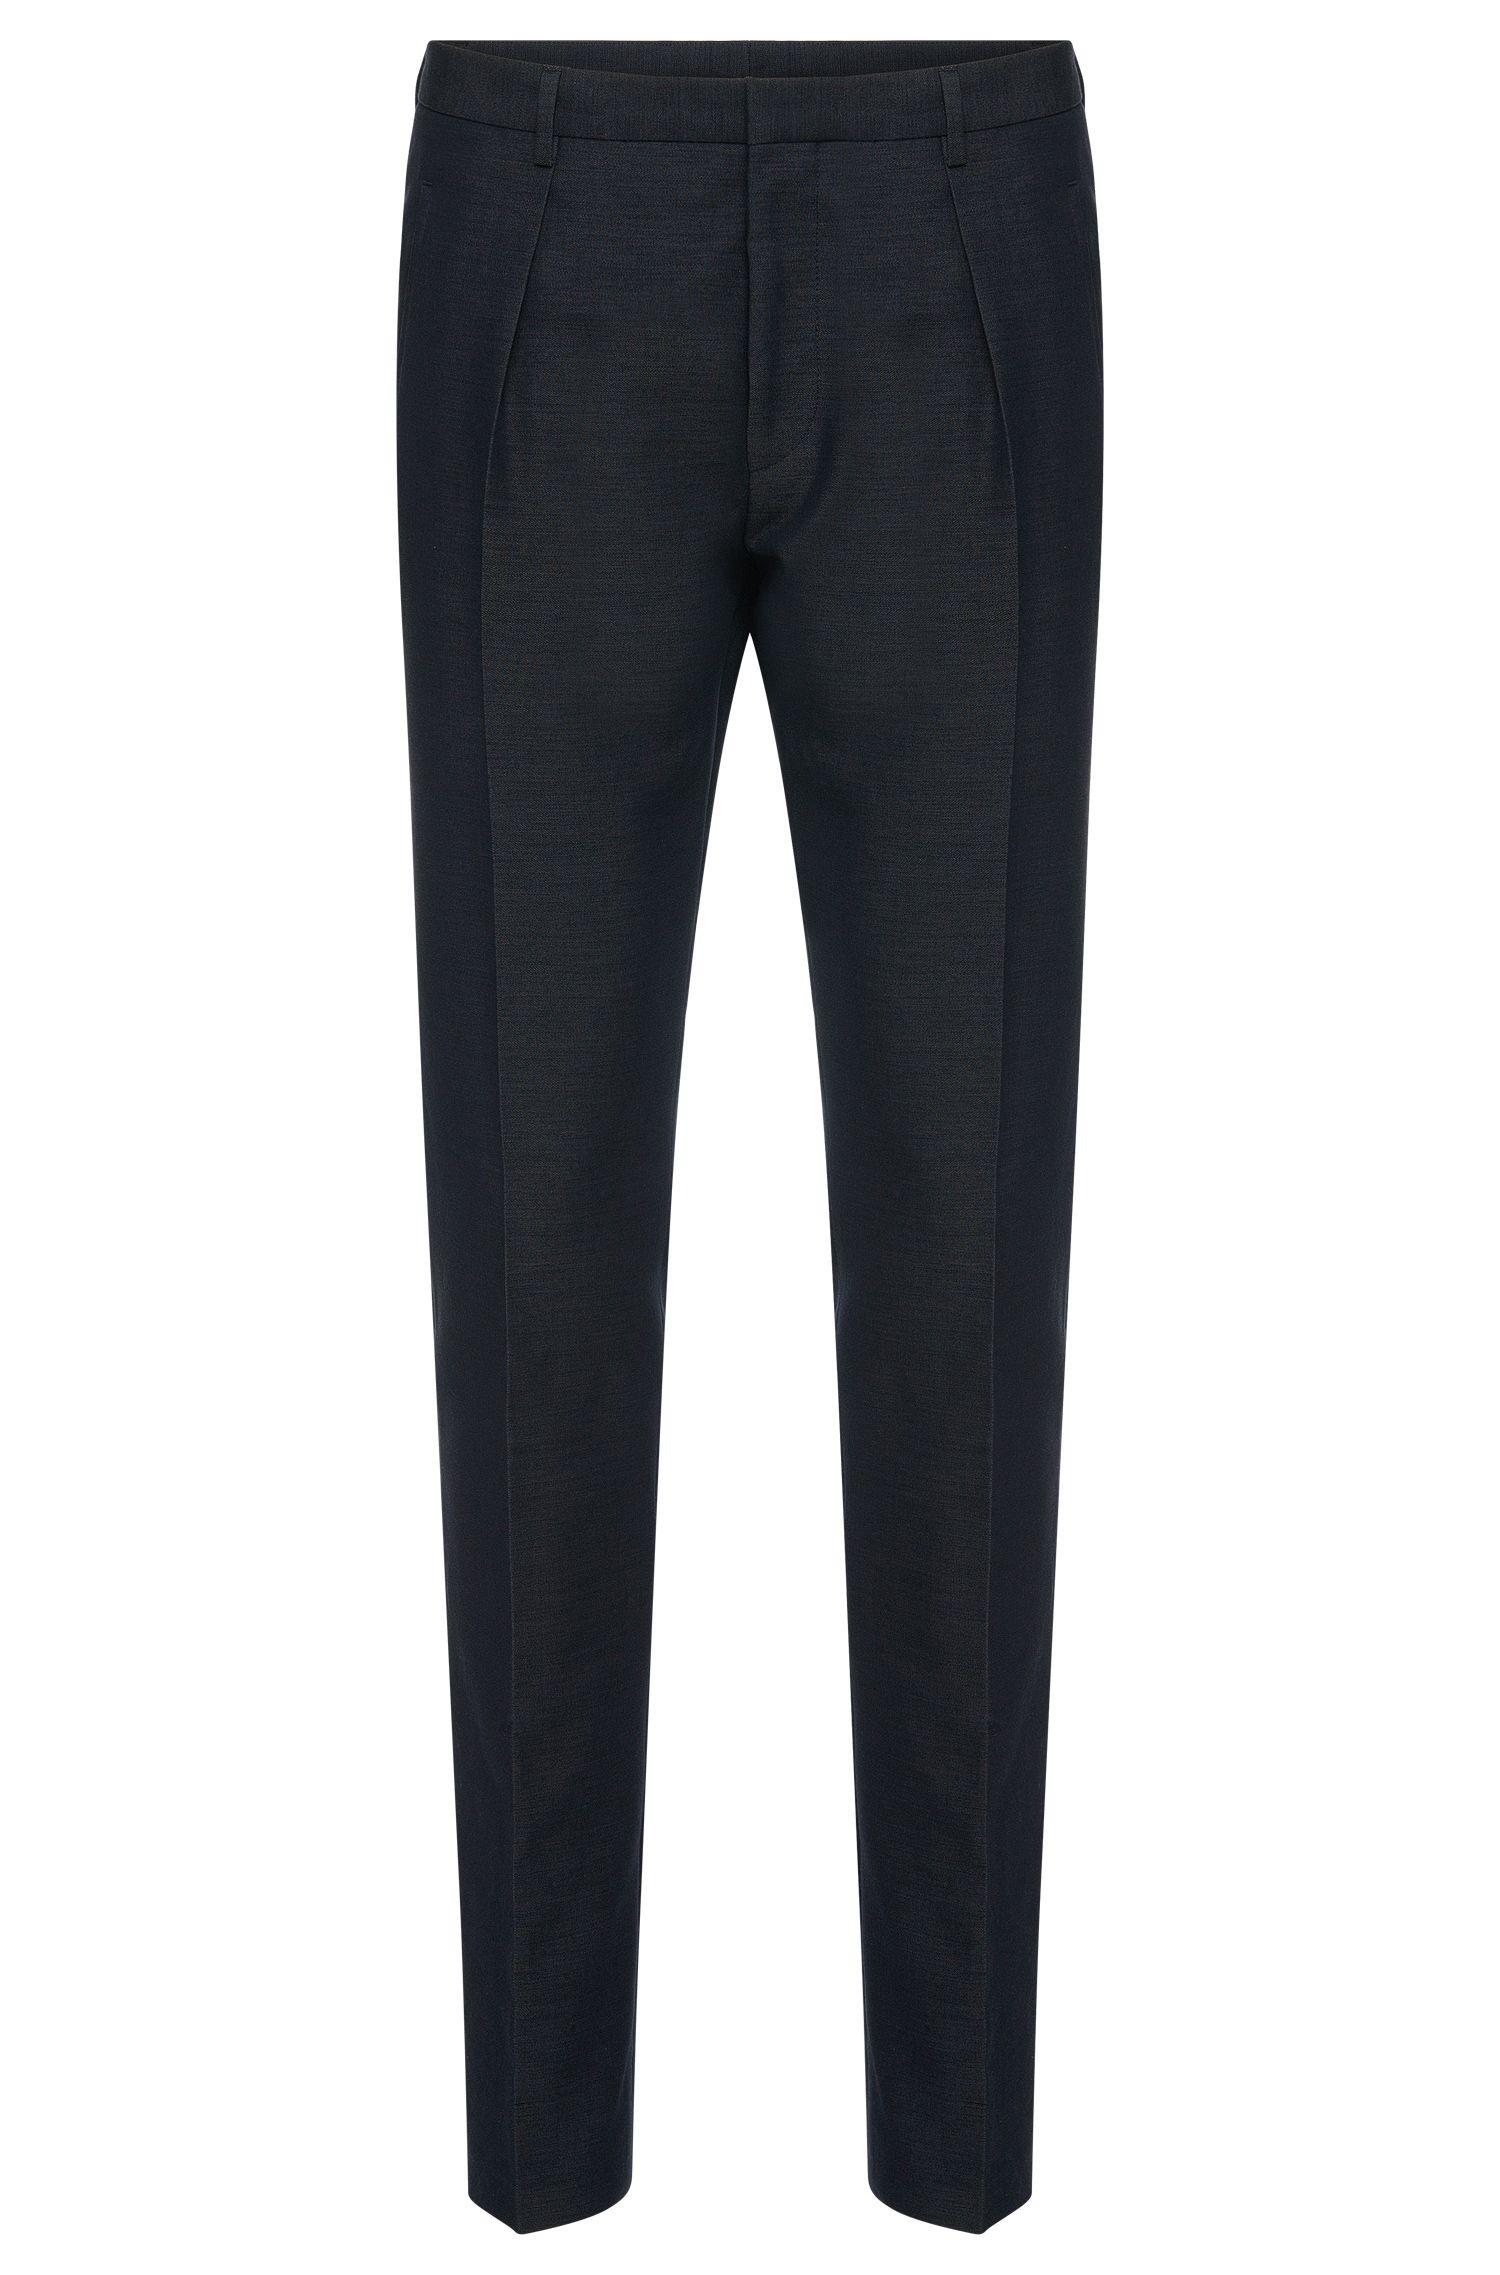 Pantalón slim fit en mezcla de algodón con seda: 'Per'